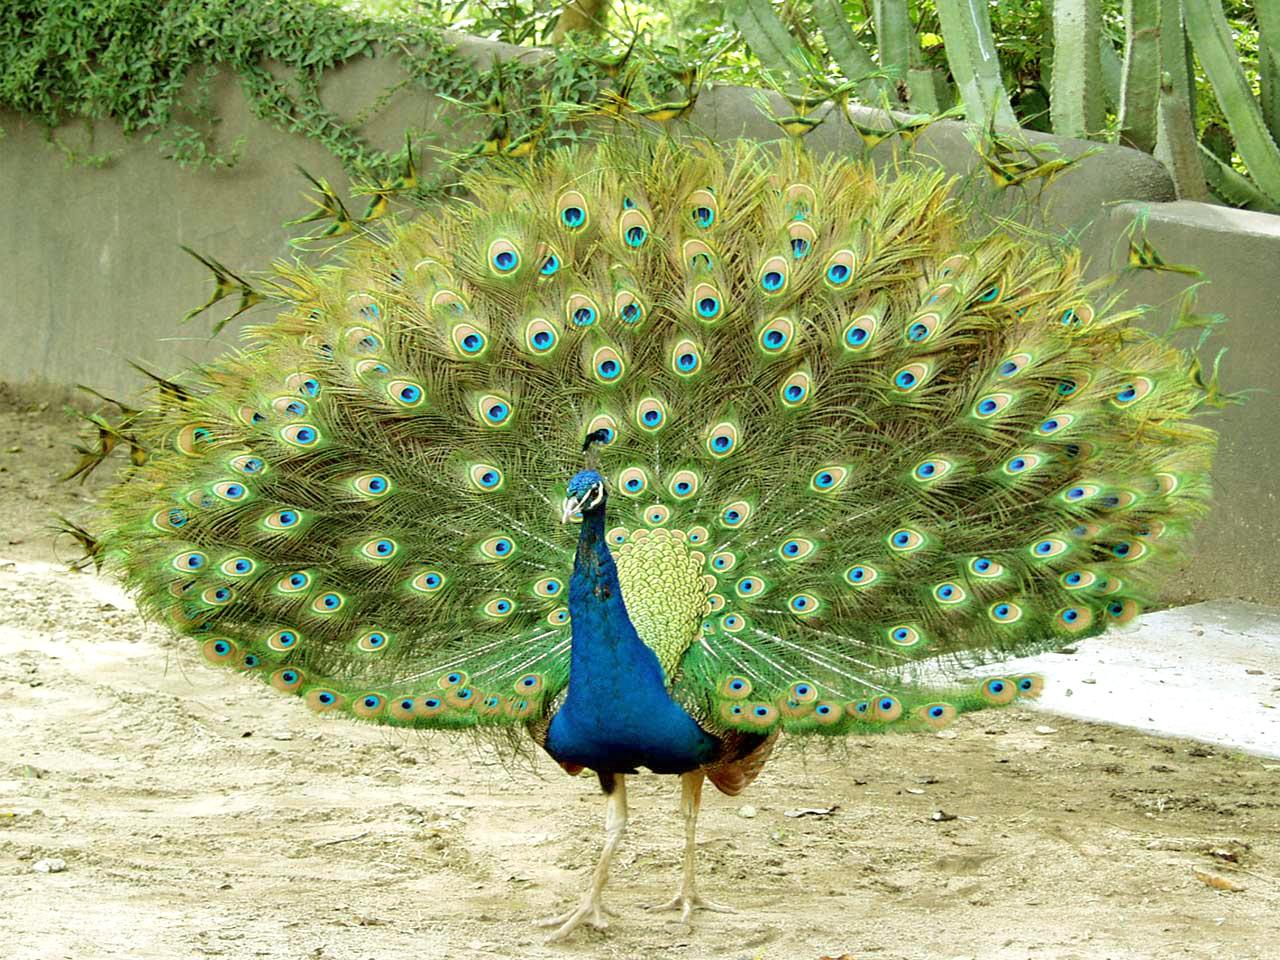 http://1.bp.blogspot.com/-hoAe_vY2QAE/UVMnw5vo4gI/AAAAAAAAMhk/xXFat65iGEs/s1600/beautiful+peacockwallpapers+hd+(10).jpg